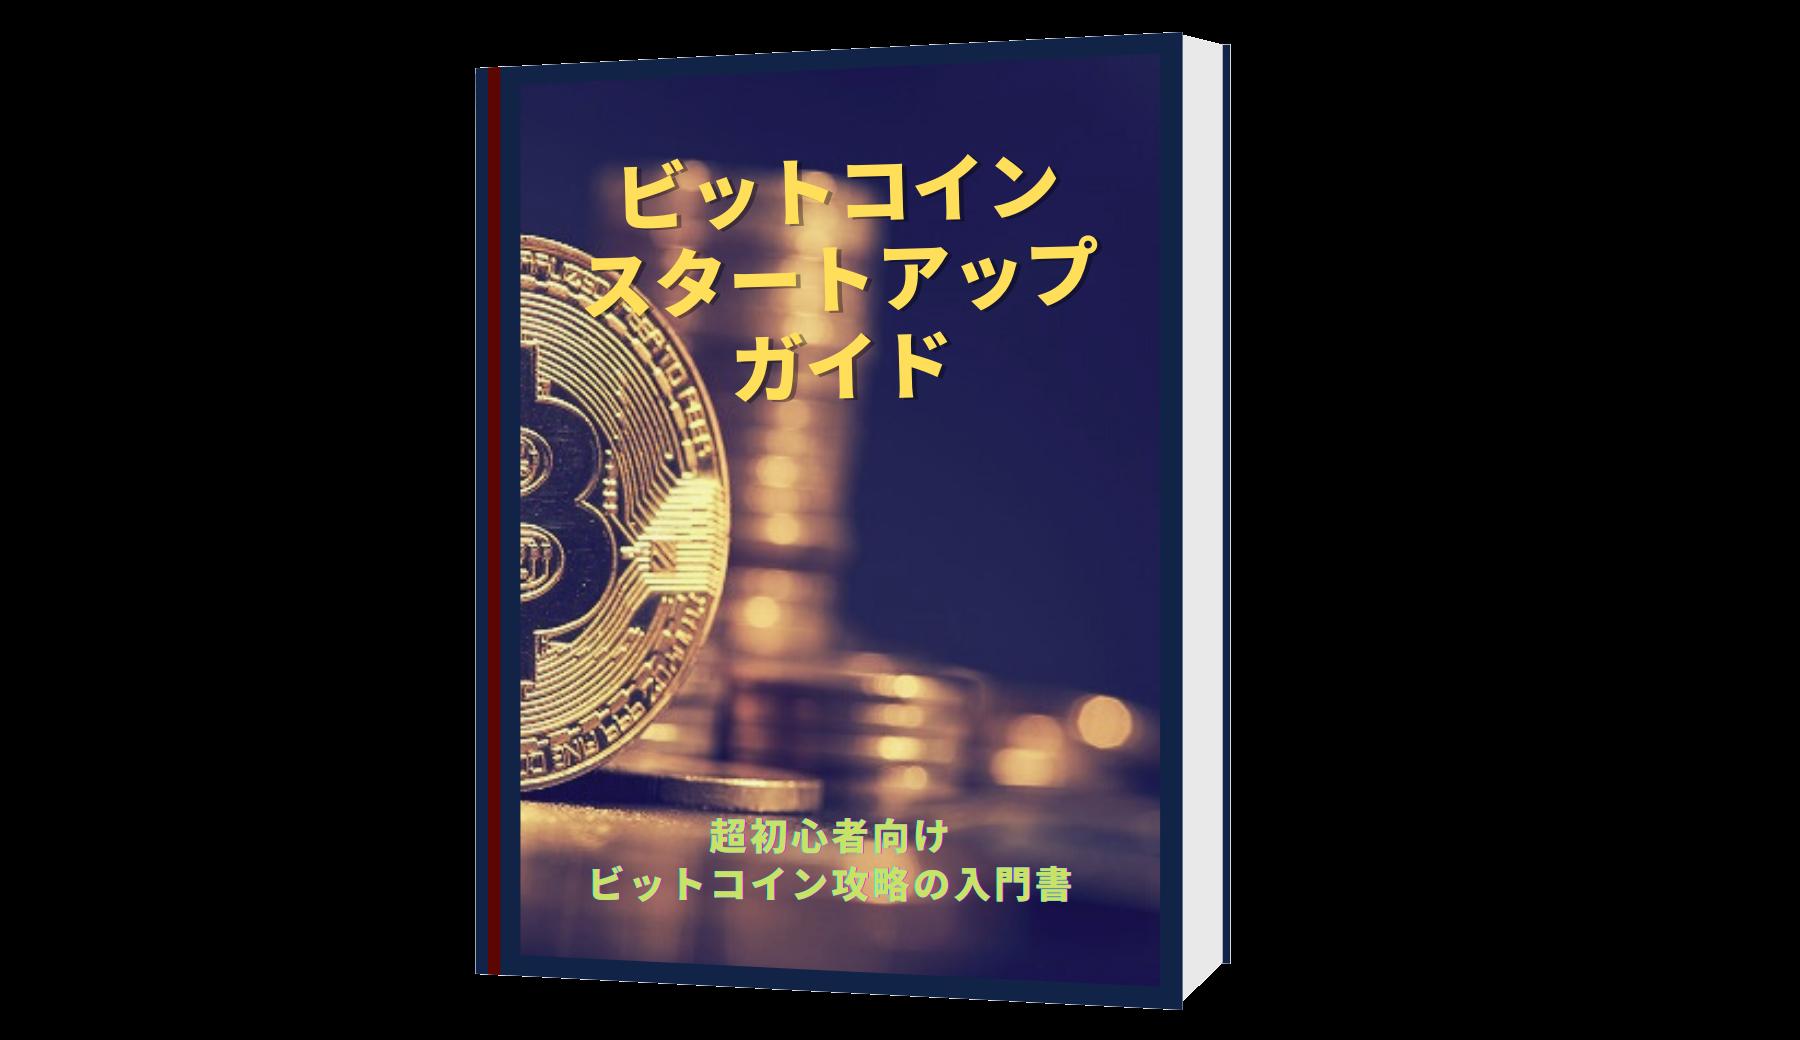 ビットコイン入門『スタートアップガイド』